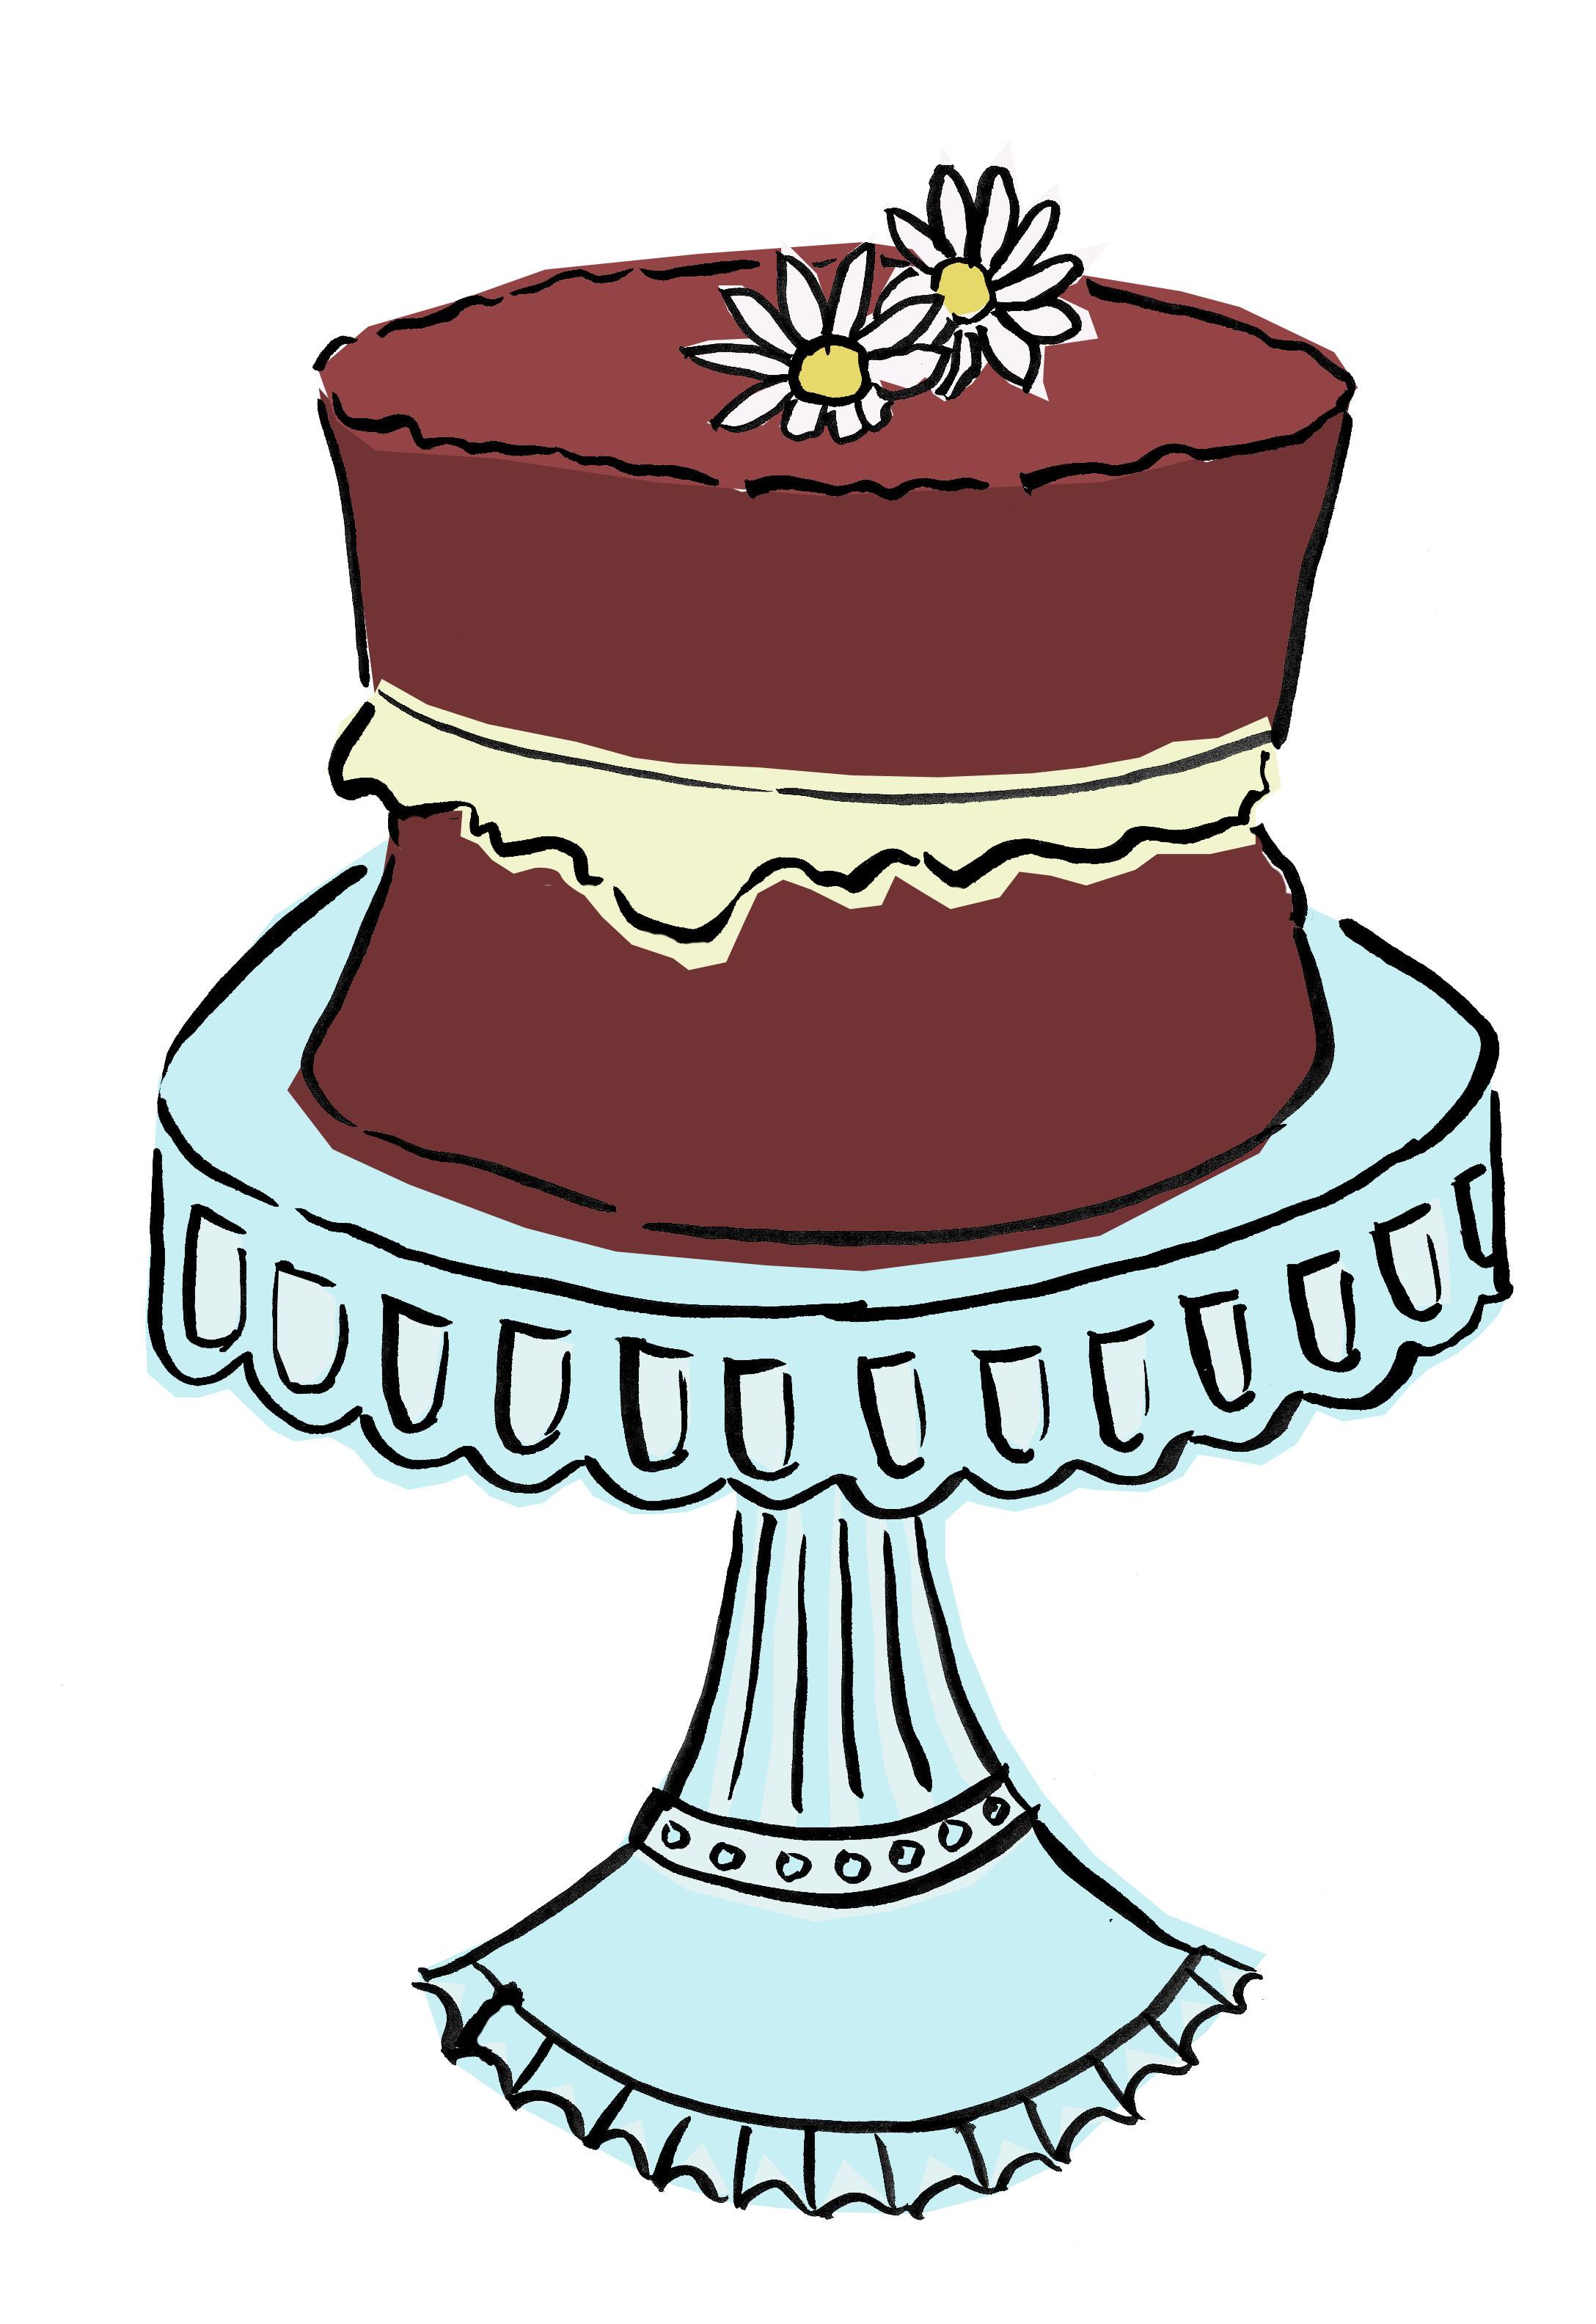 Drawn chocolate vintage cake #15